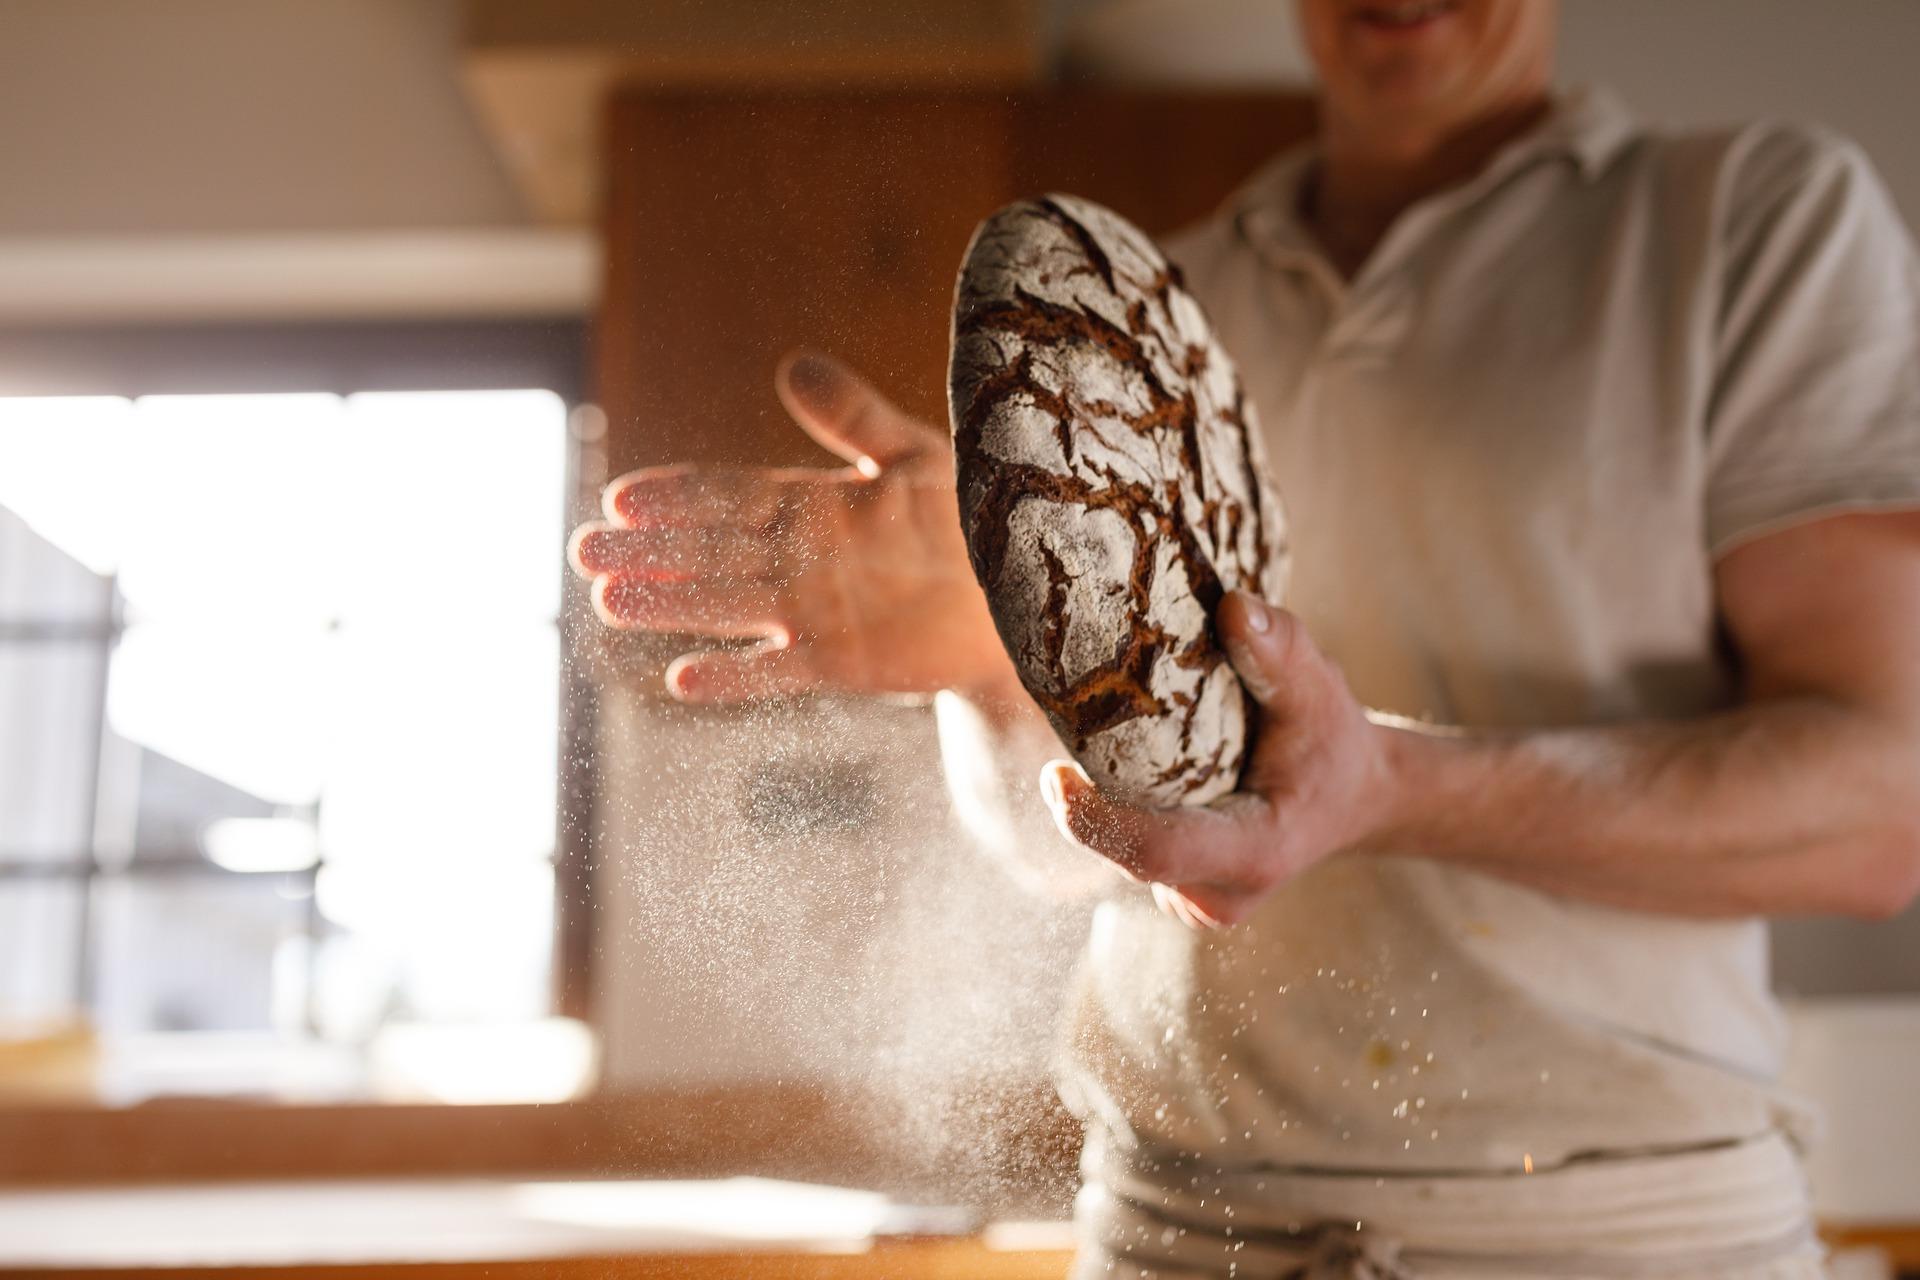 A házi liszt őrlésről…  Mi marad akkor a lisztben, ha mindent kiszednek belőle? A házilag őrölt liszt durván veri a boltit.